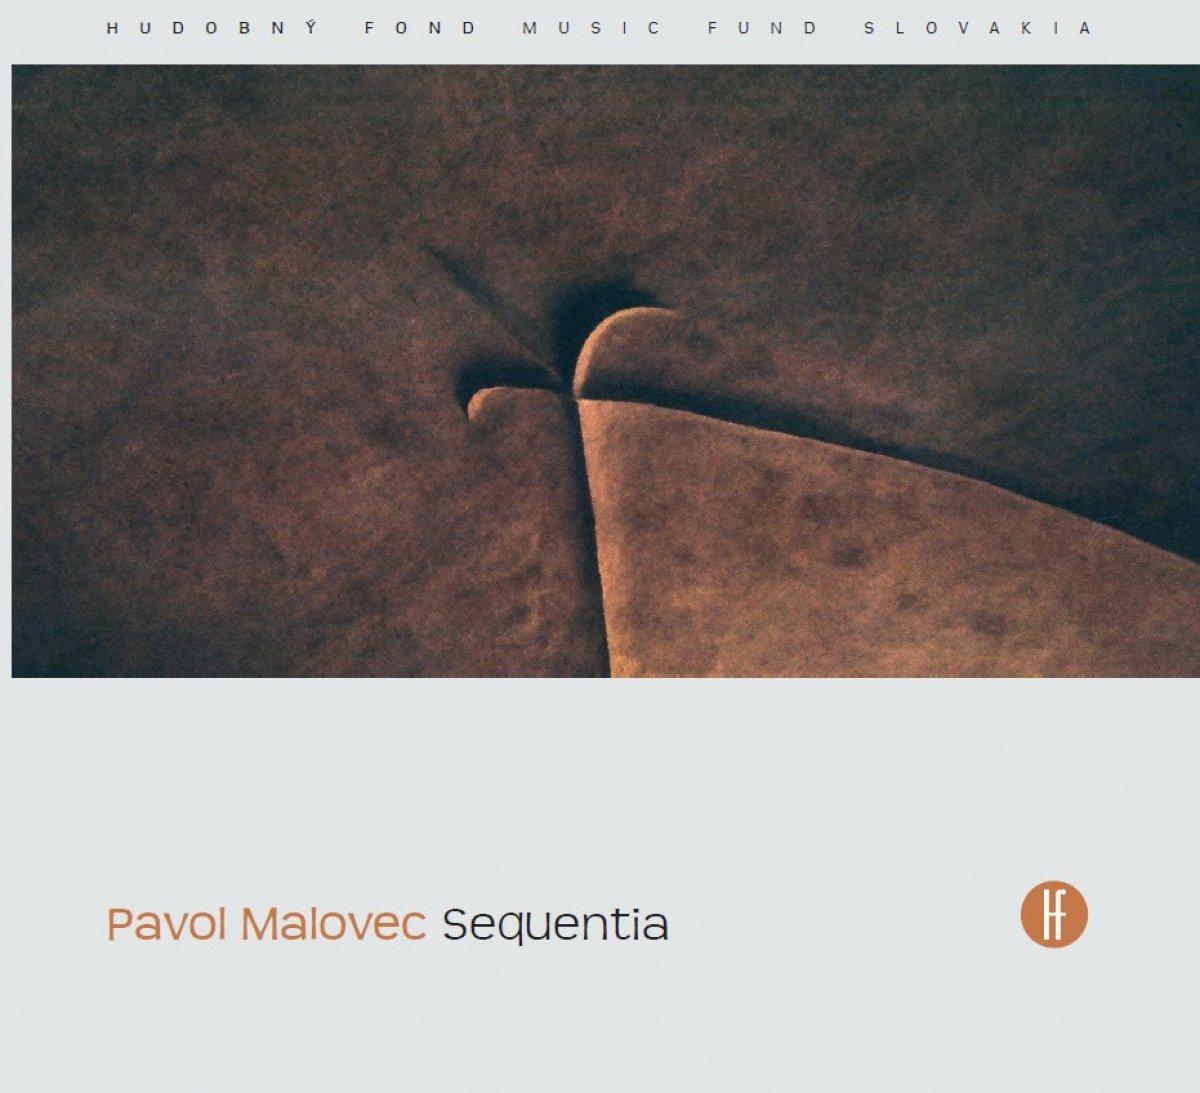 Album Sequentia skladateľa Pavla Malovca otvára poslucháčovi svetduchovných hodnôt